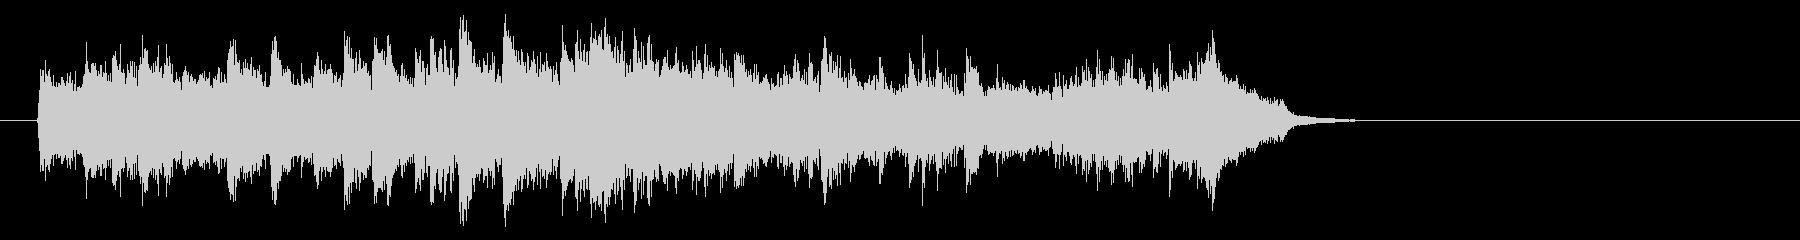 感動のピアノ・バラード(イントロ)の未再生の波形